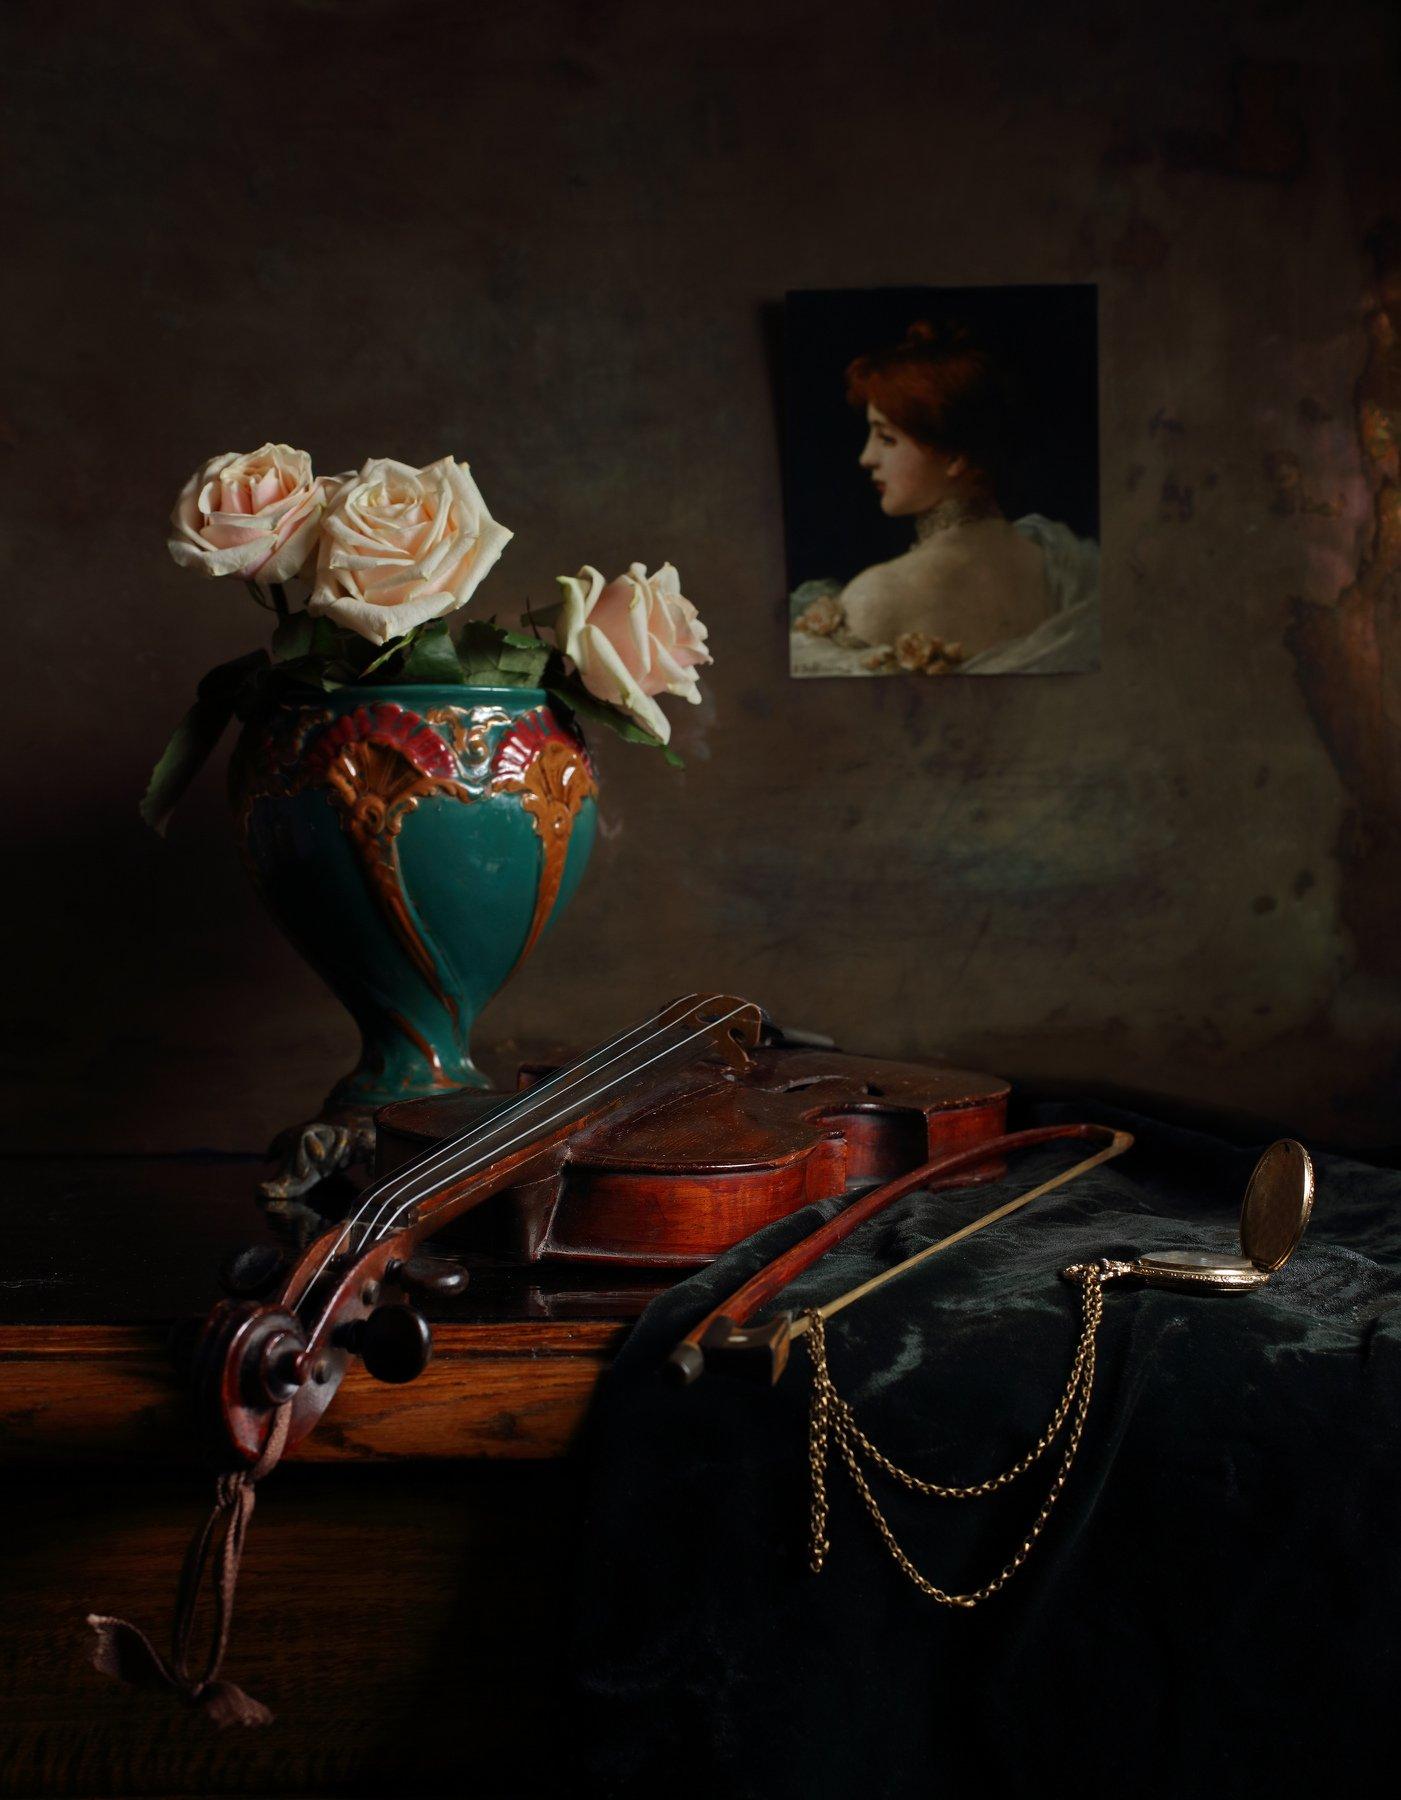 скрипка, музыка, розы, цветы, натюрморт, свет, Андрей Морозов